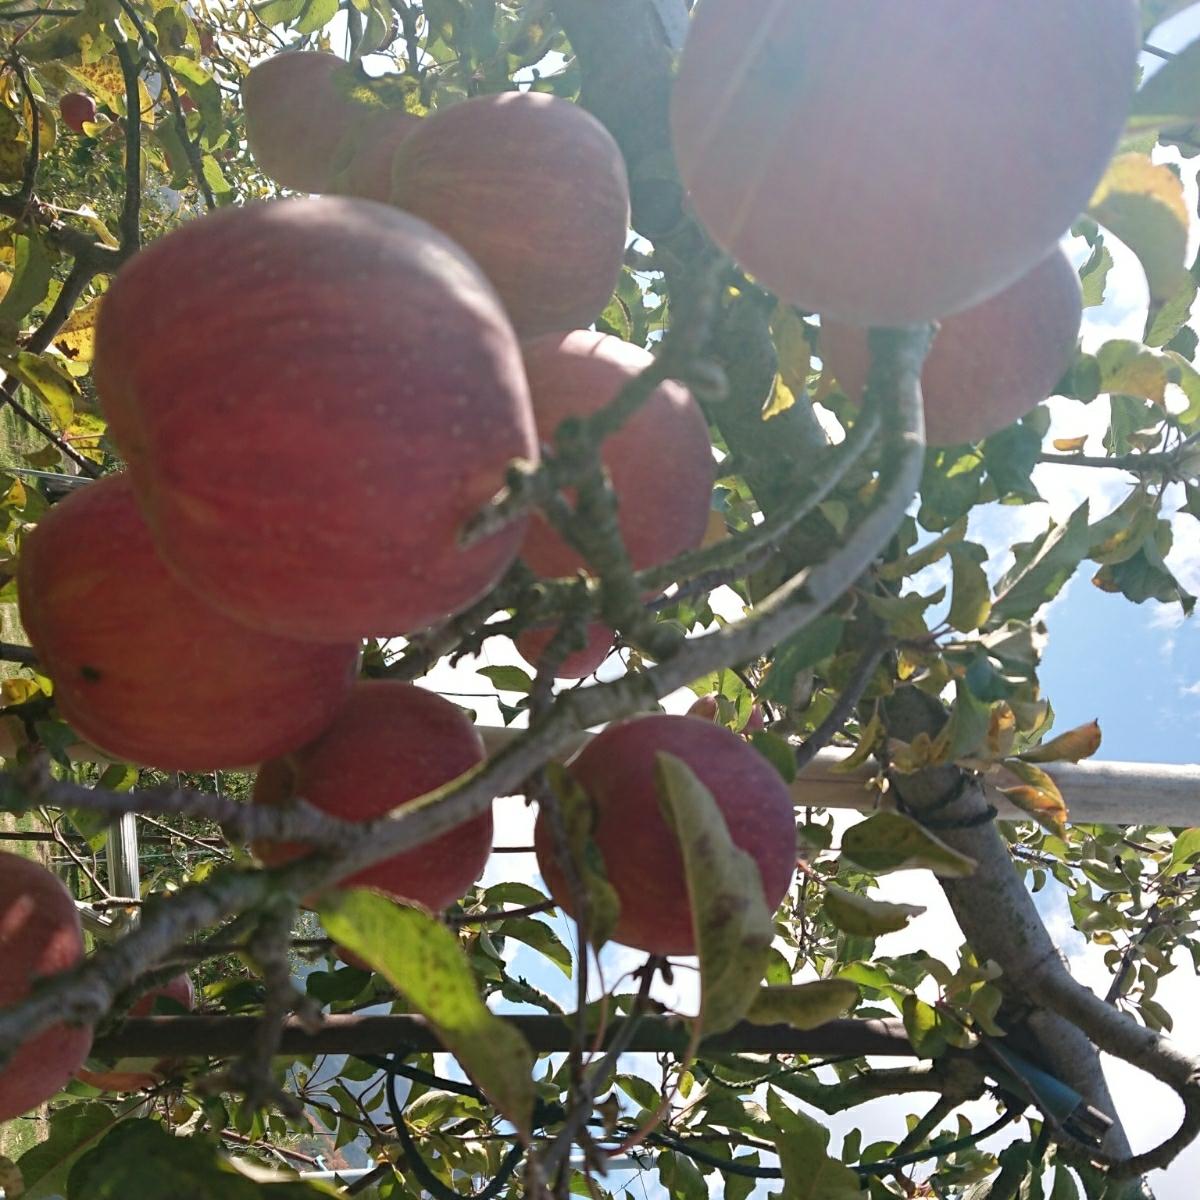 みずみずしく美味しい!【減農薬】サンふじ 【無肥料】たっぷり15キロ 信州りんご_画像3